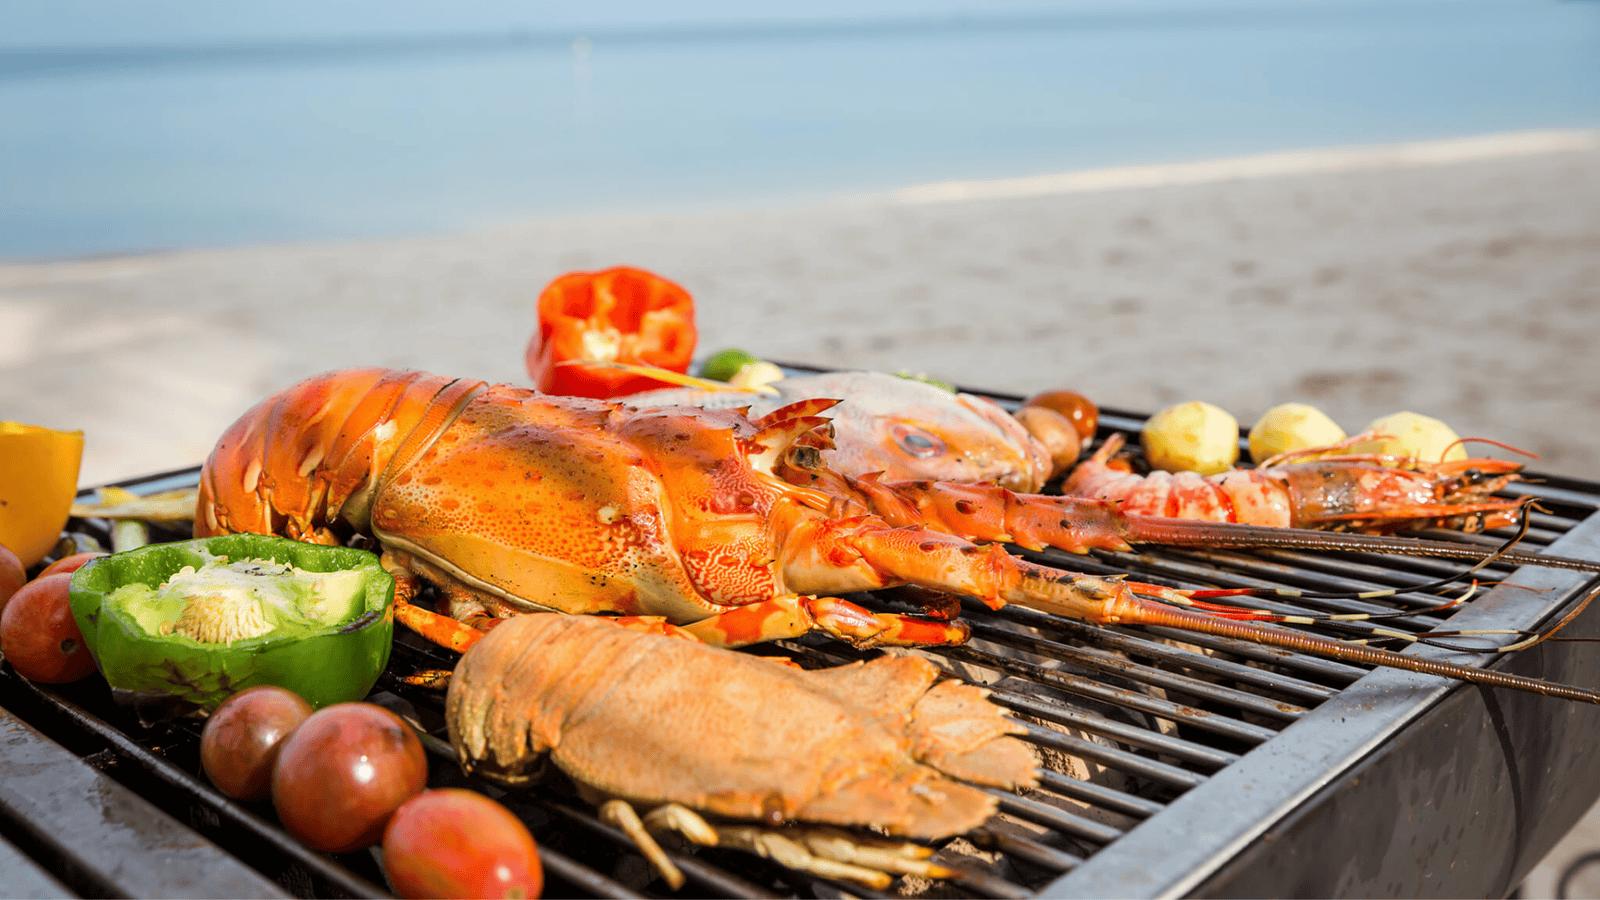 Thử trải nghiệm cảm giác thưởng thức tiệc nướng hải sản vô cùng hấp dẫn